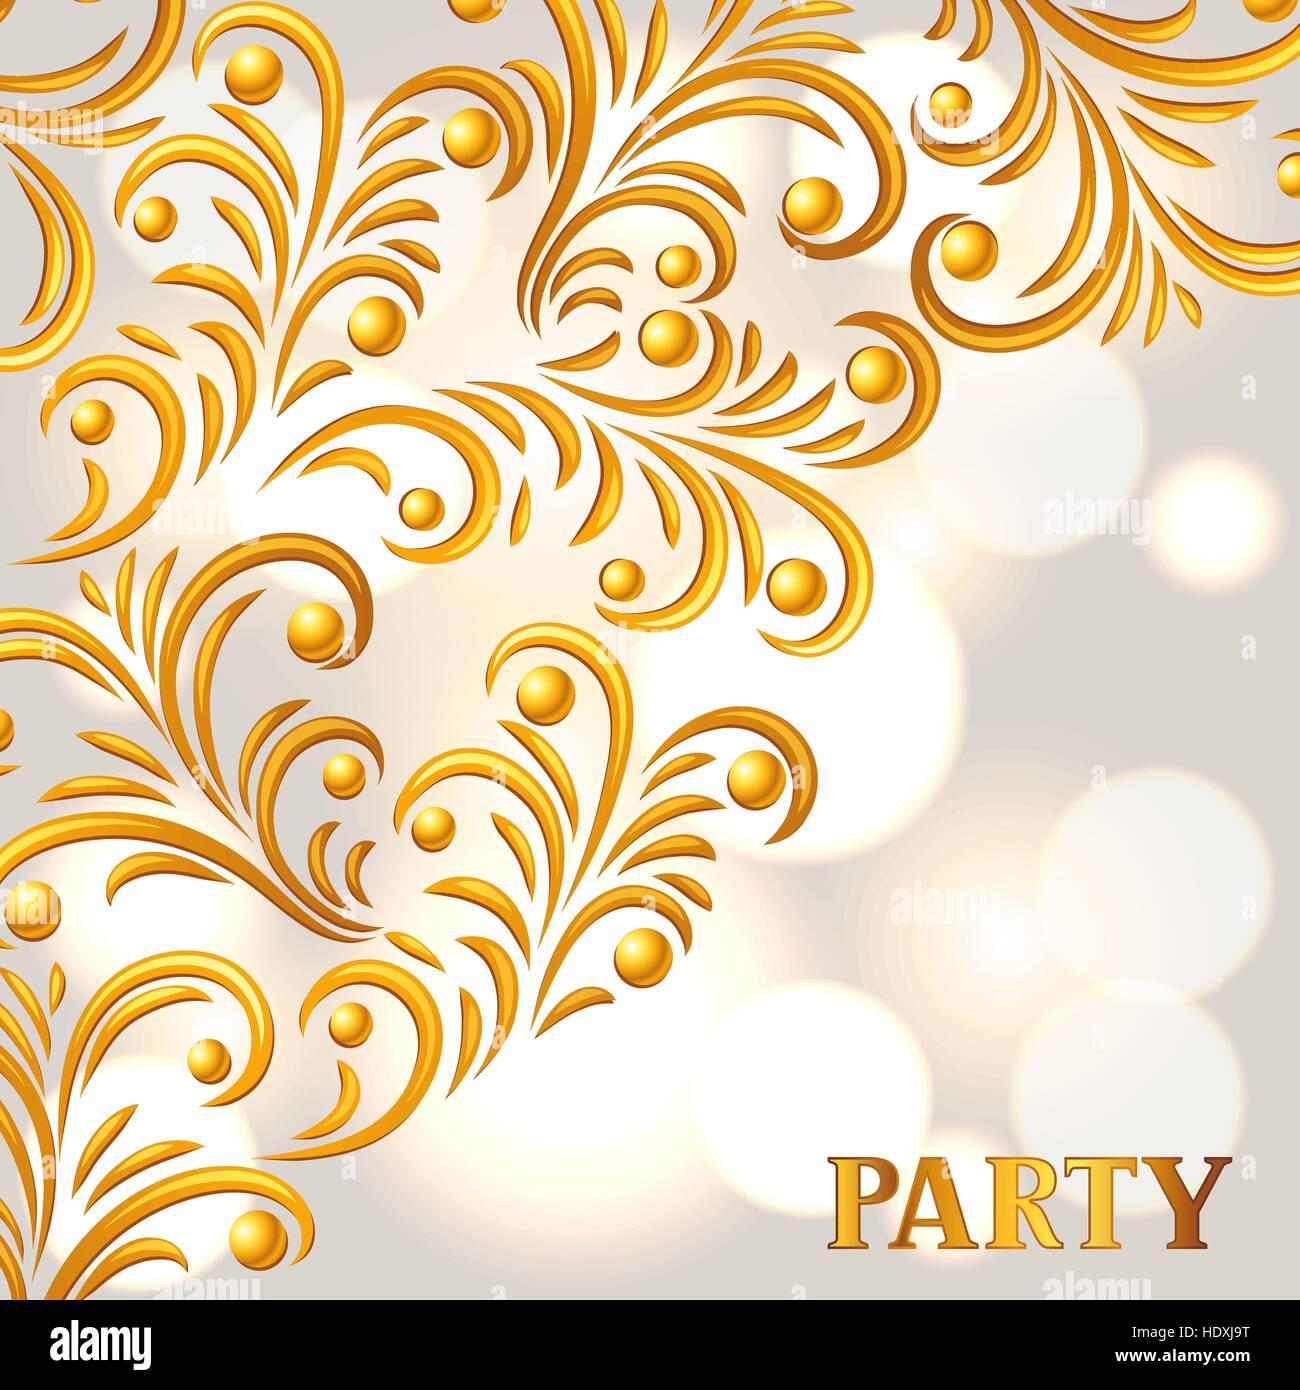 Celebration Party Background Avec Ornement Doré Message Daccueil